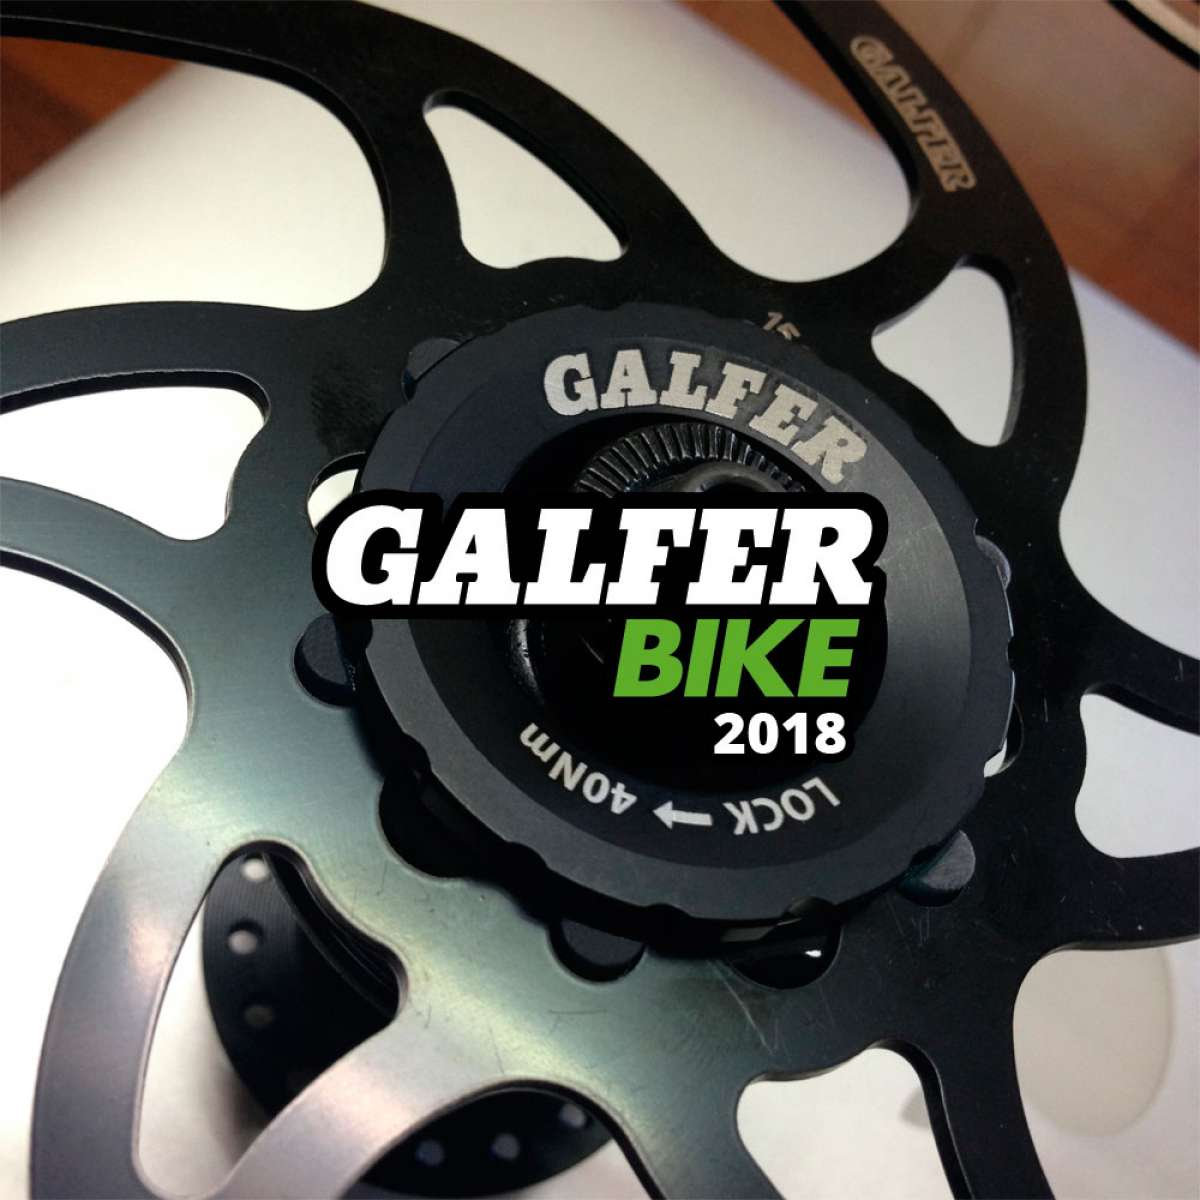 En TodoMountainBike: Catálogo de Galfer 2018. Toda la gama de discos y pastillas Galfer para la temporada 2018